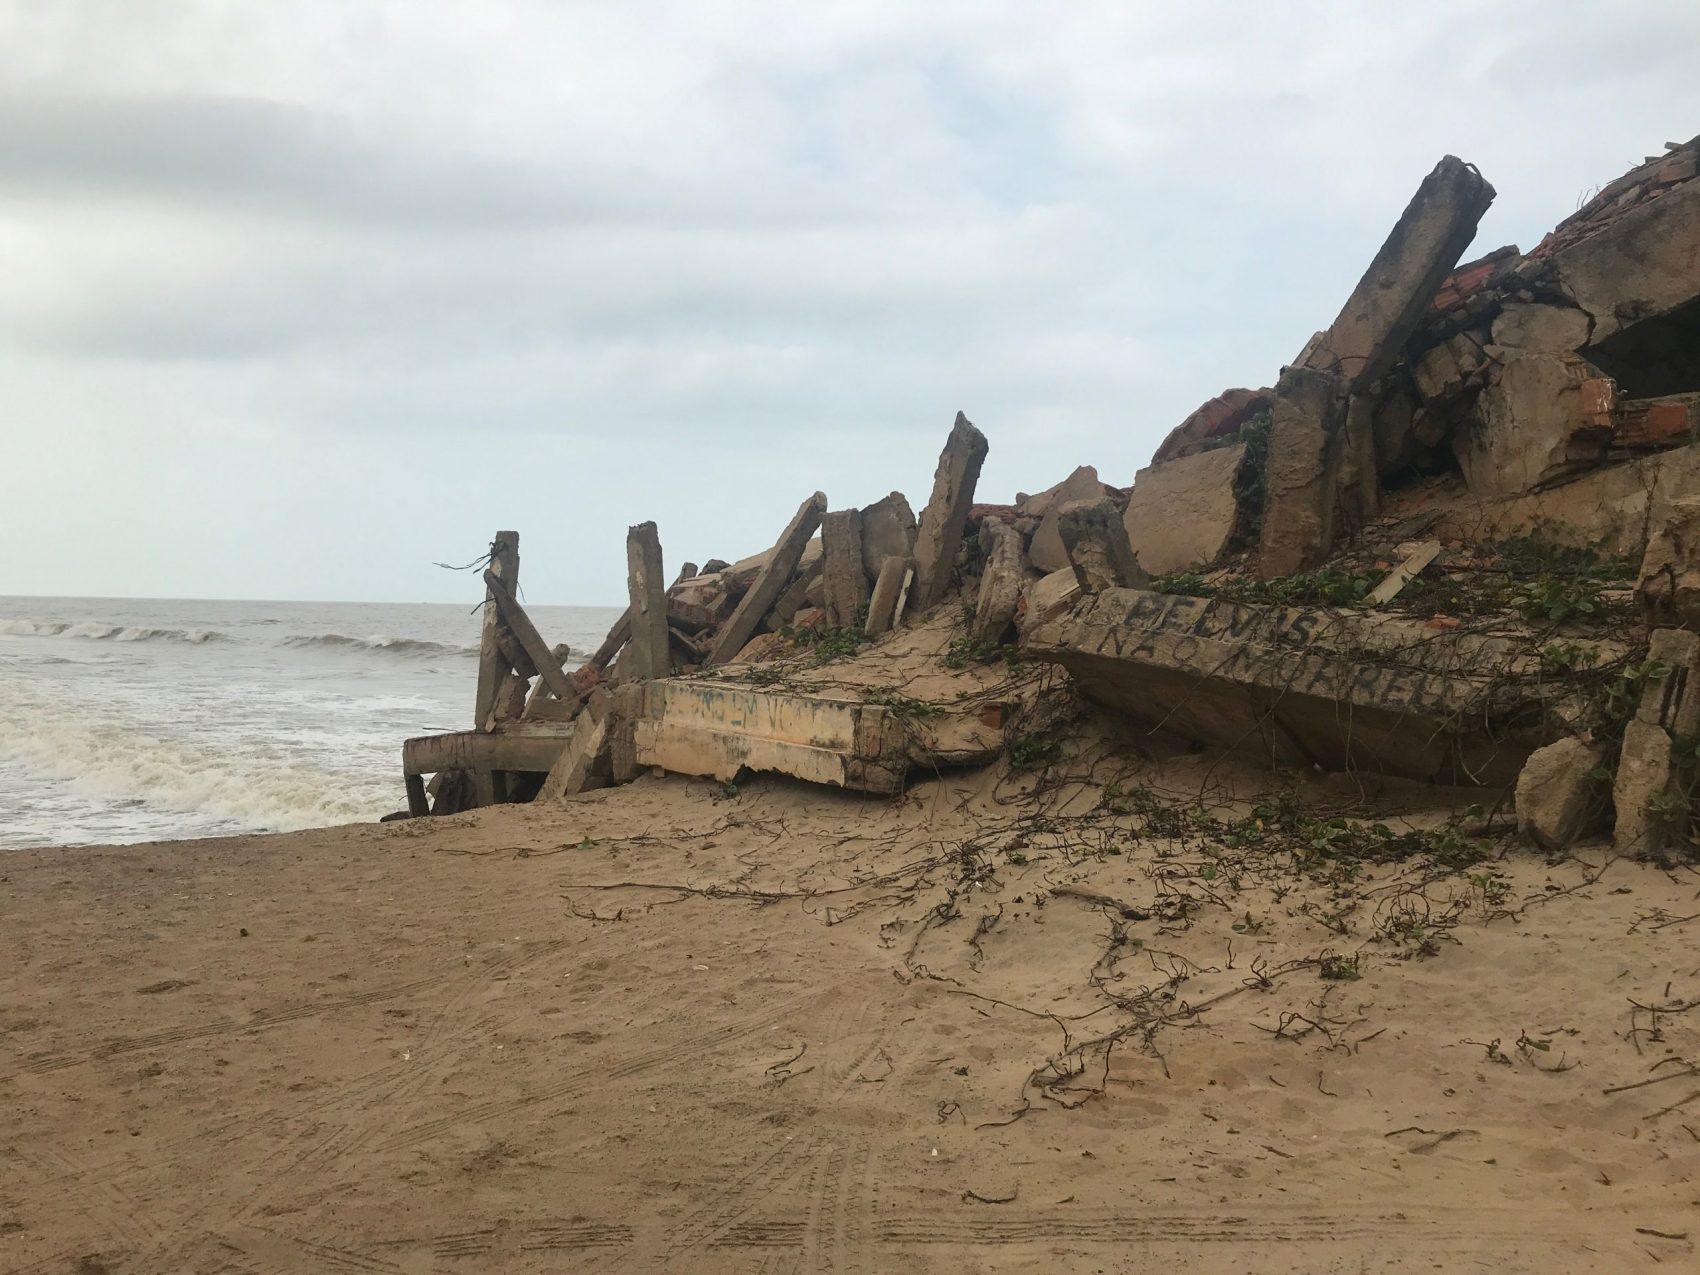 Restos de casas destruídas pelo mar em Atafona: combinação de erosão costeira e mudanças climáticas (Foto de Oscar Valporto)